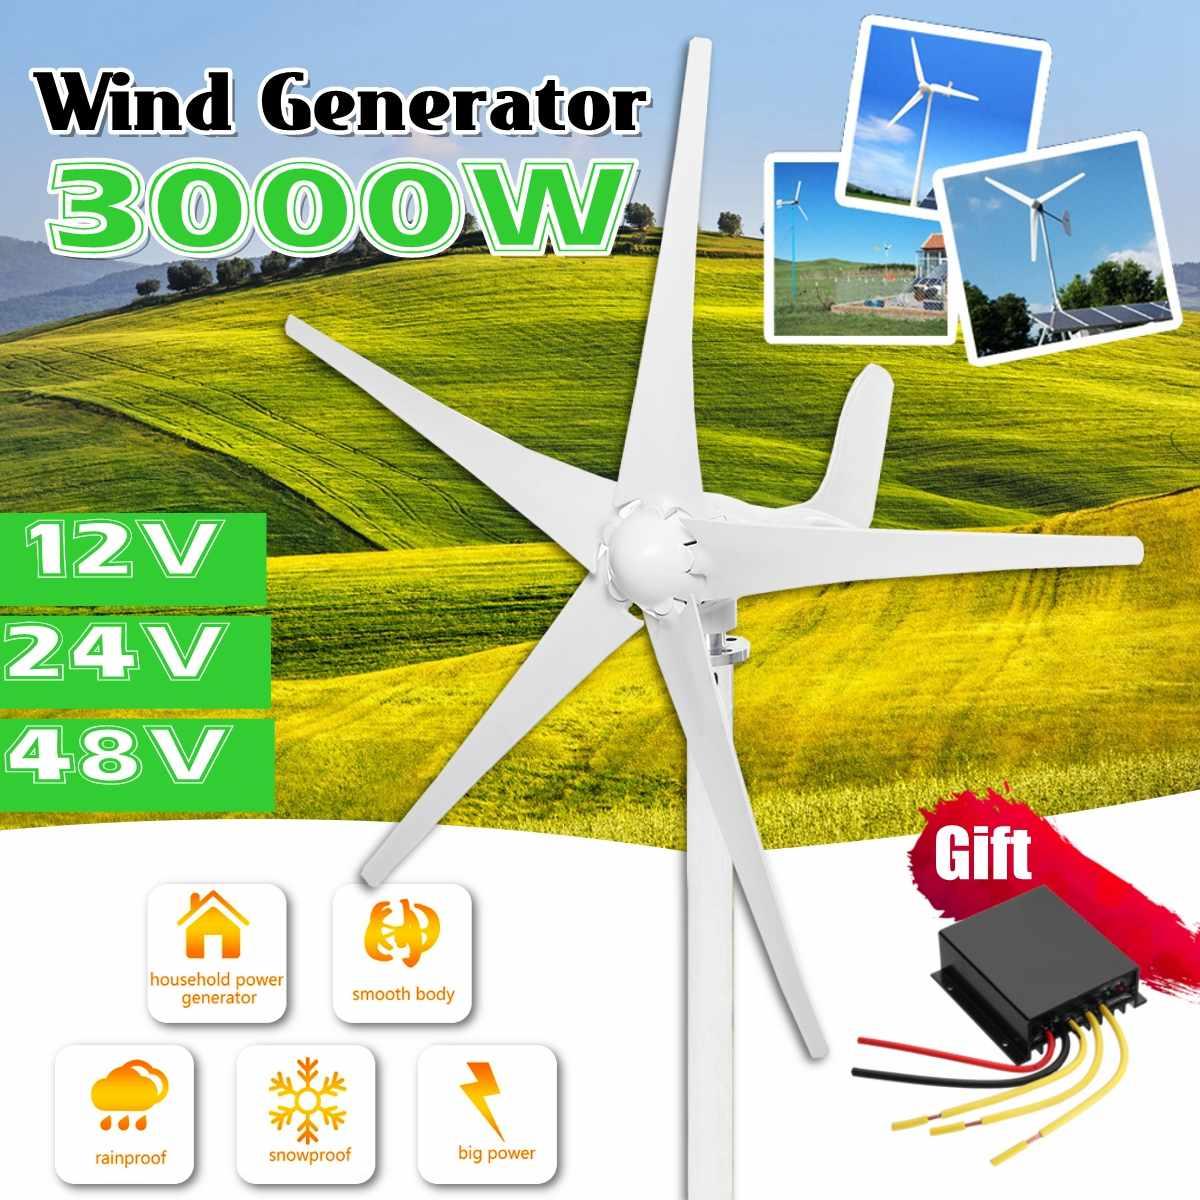 Générateur d'éoliennes de 3000W 12 V/24 V/48 V 5 lames avec l'utilisation libre de contrôleur de vent pour le réverbère solaire à la maison, bateau